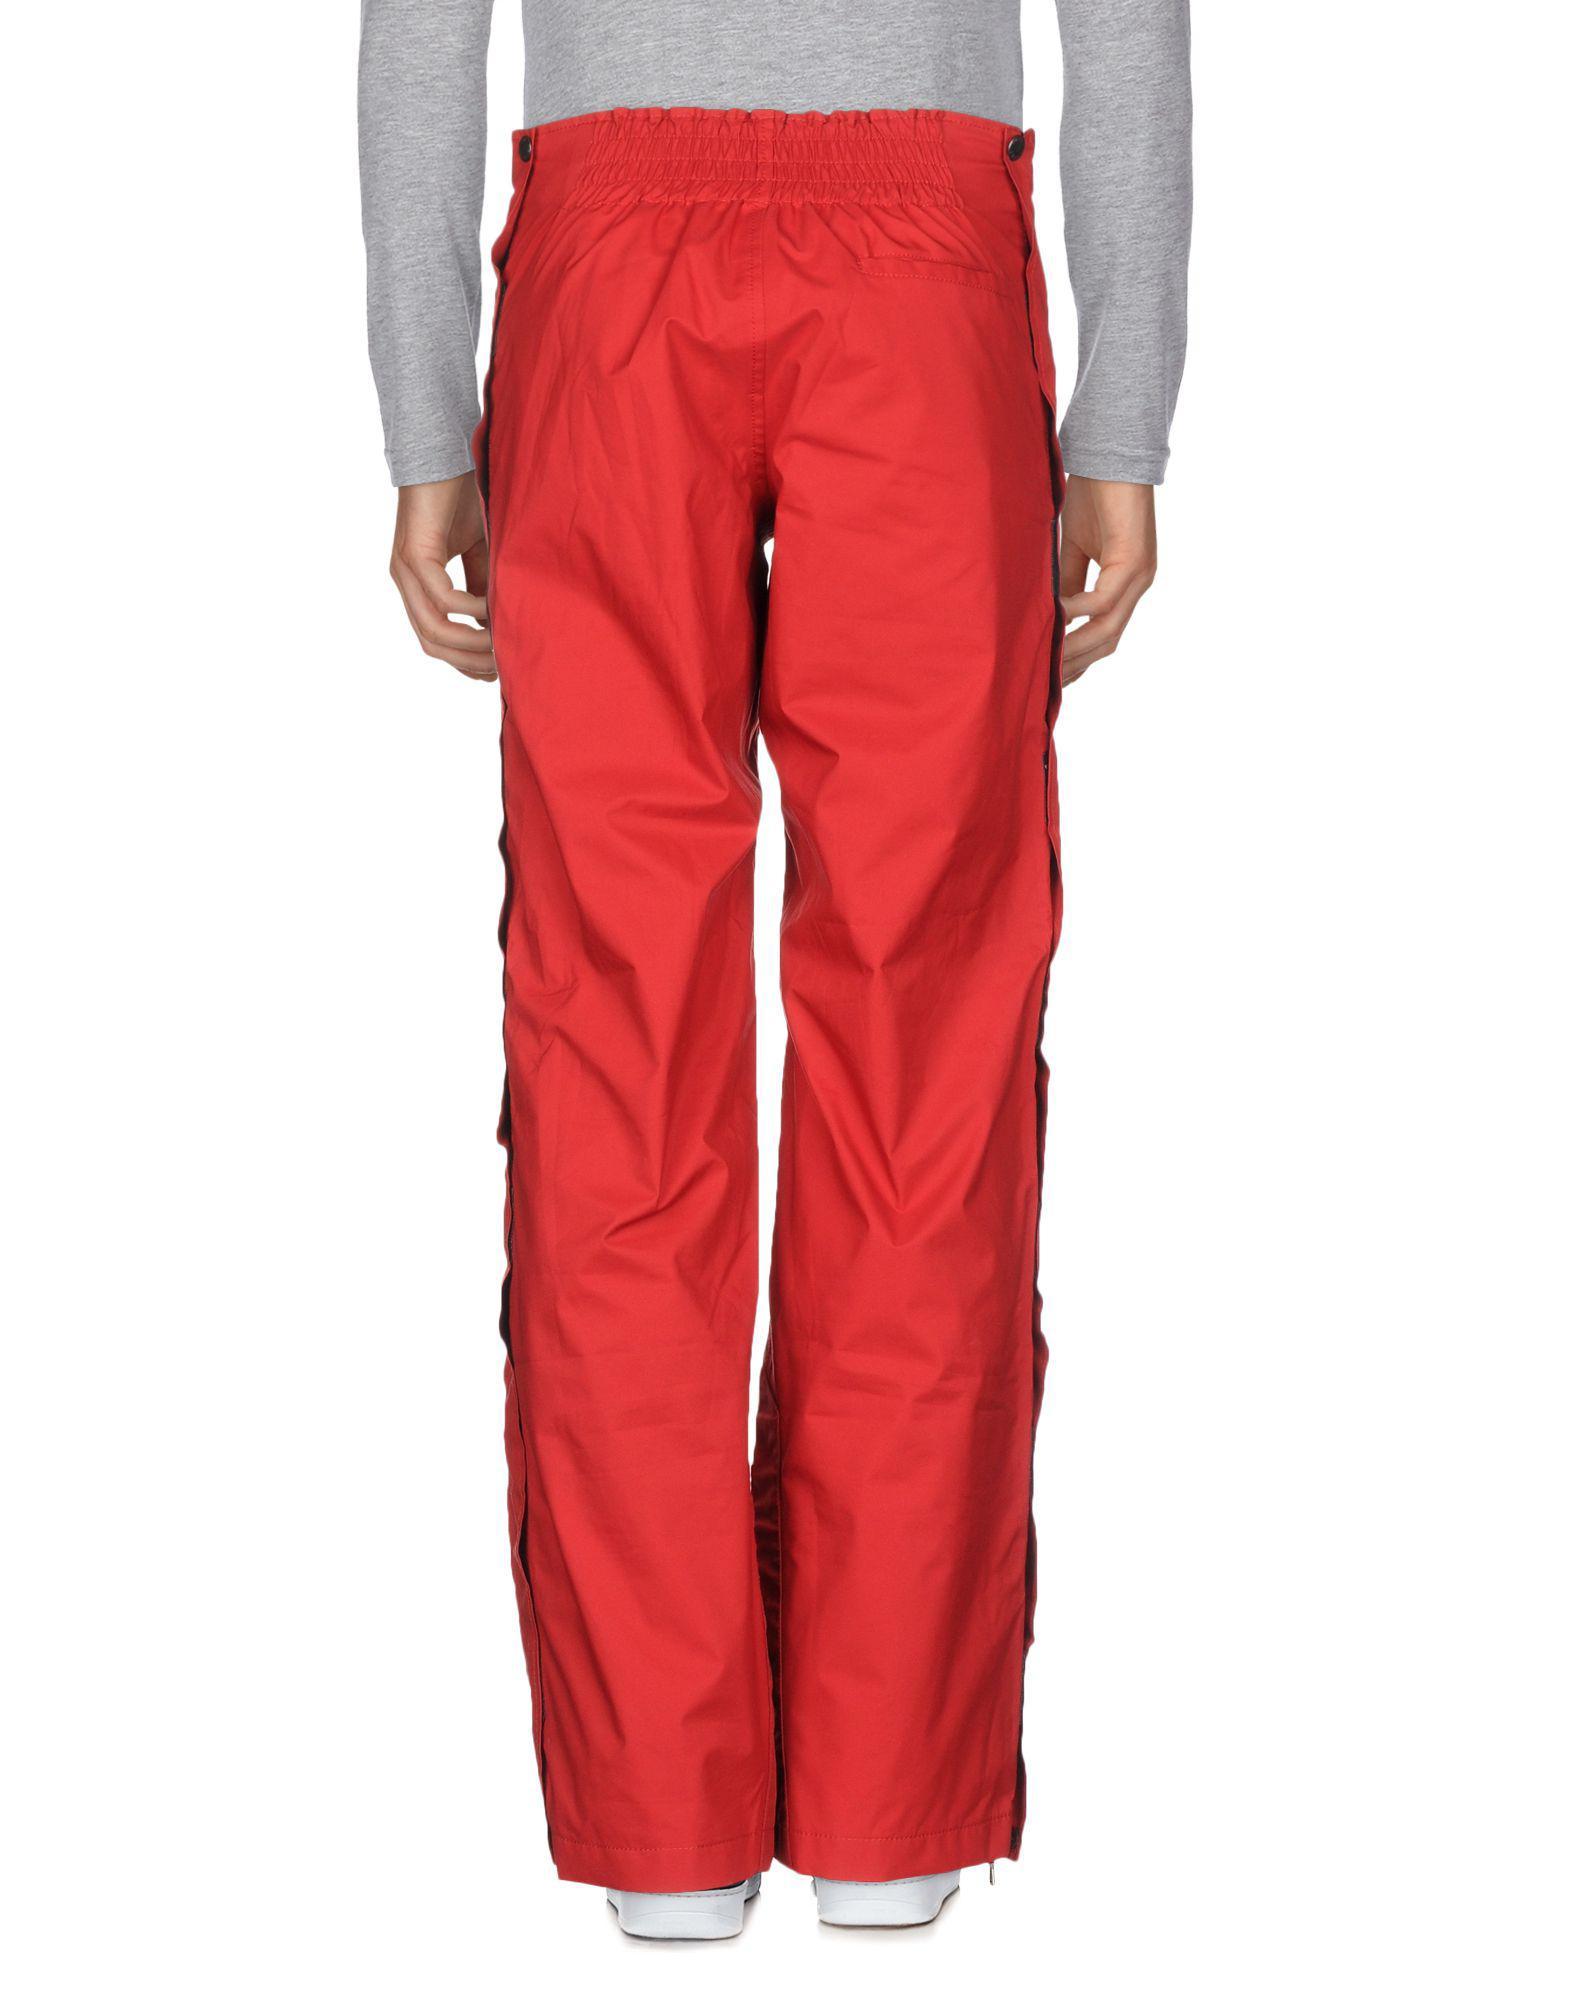 f4a334d1 Men's Red Ski Pants